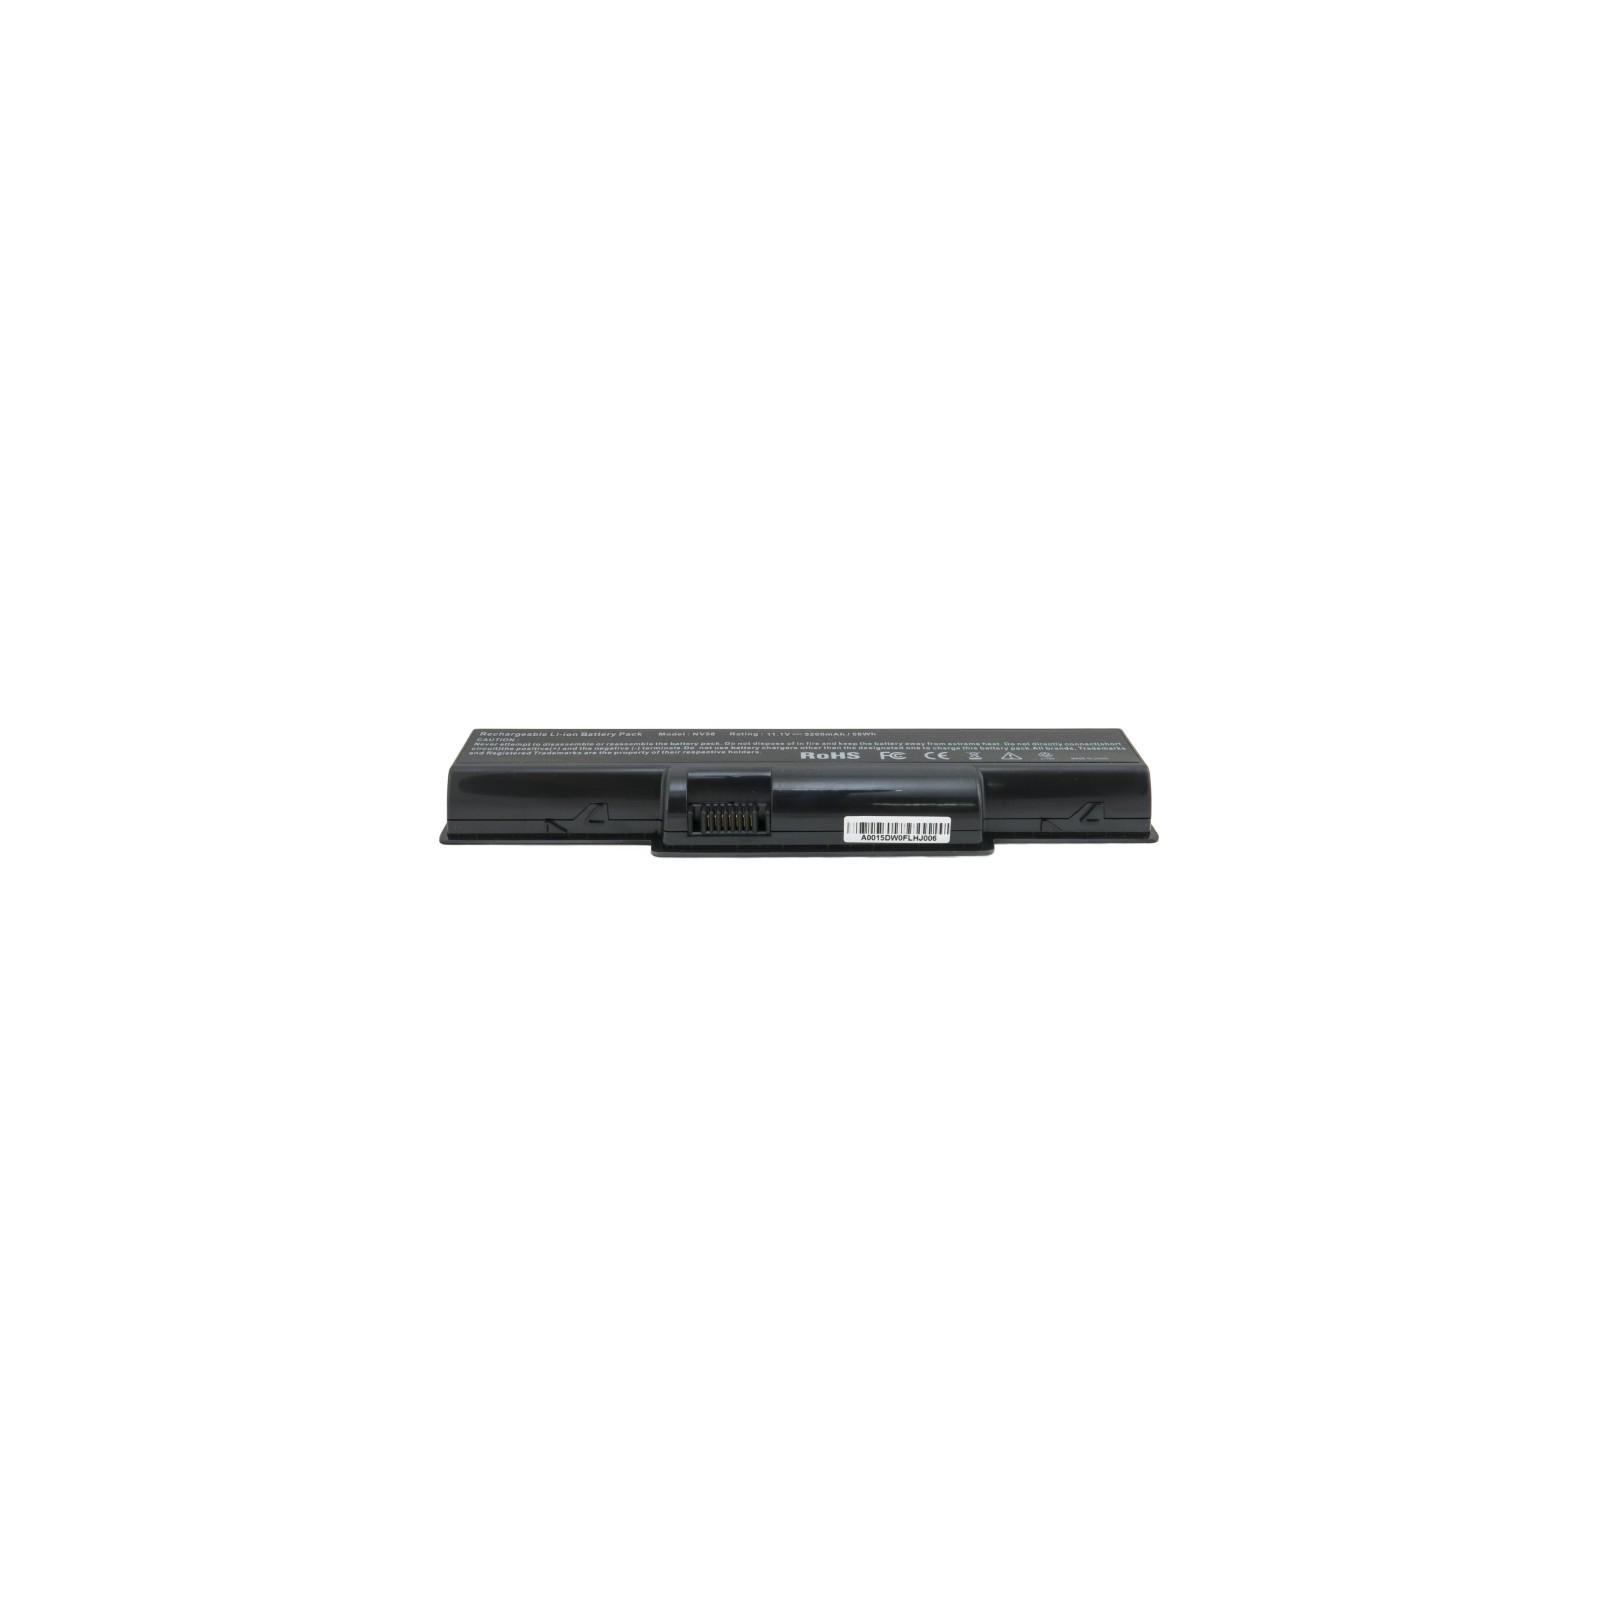 Аккумулятор для ноутбука Acer Aspire 4732 (AS09A31) 5200 mAh EXTRADIGITAL (BNA3916) изображение 4